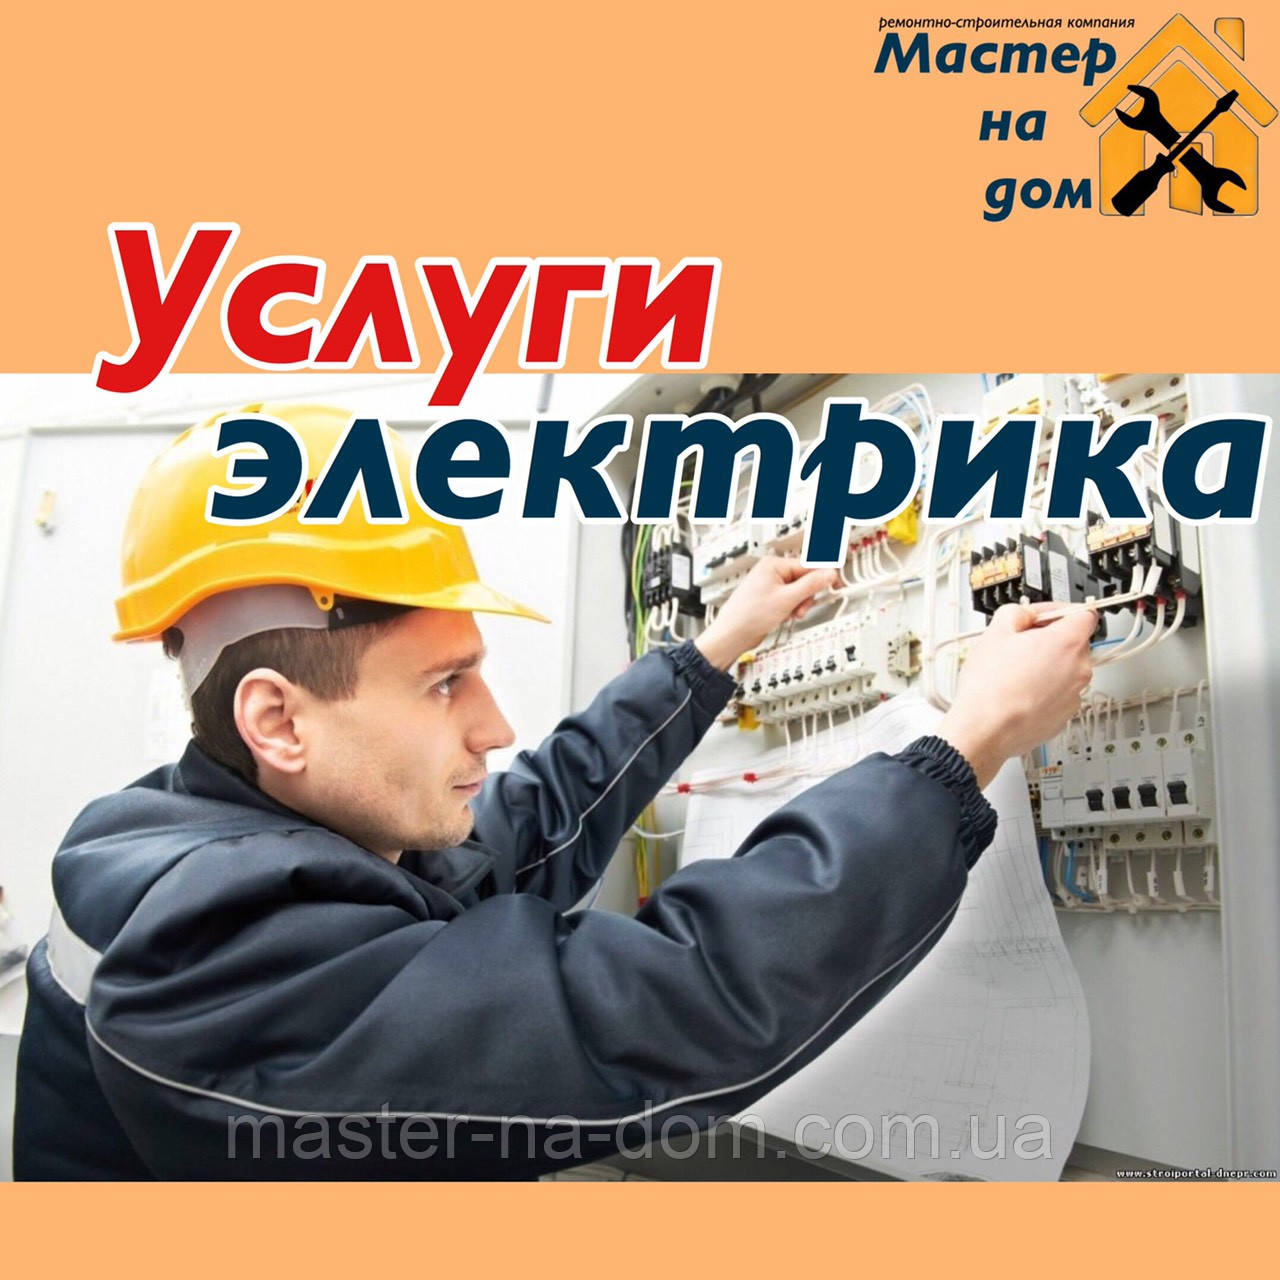 Услуги электрика в Житомире, фото 1